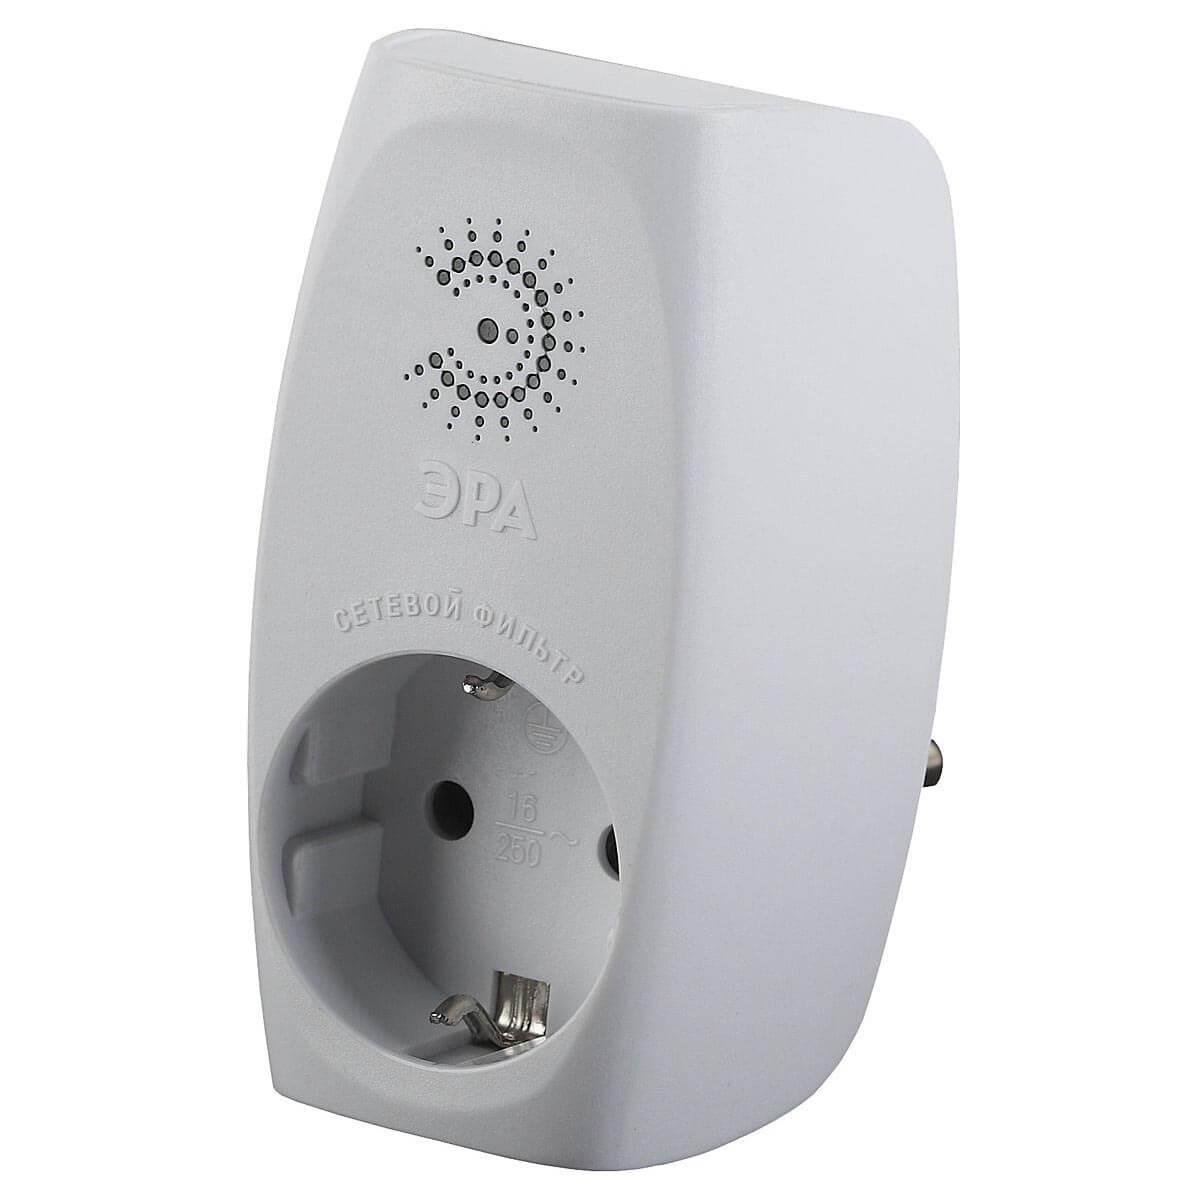 Сетевой фильтр ЭРА SF-1e-W